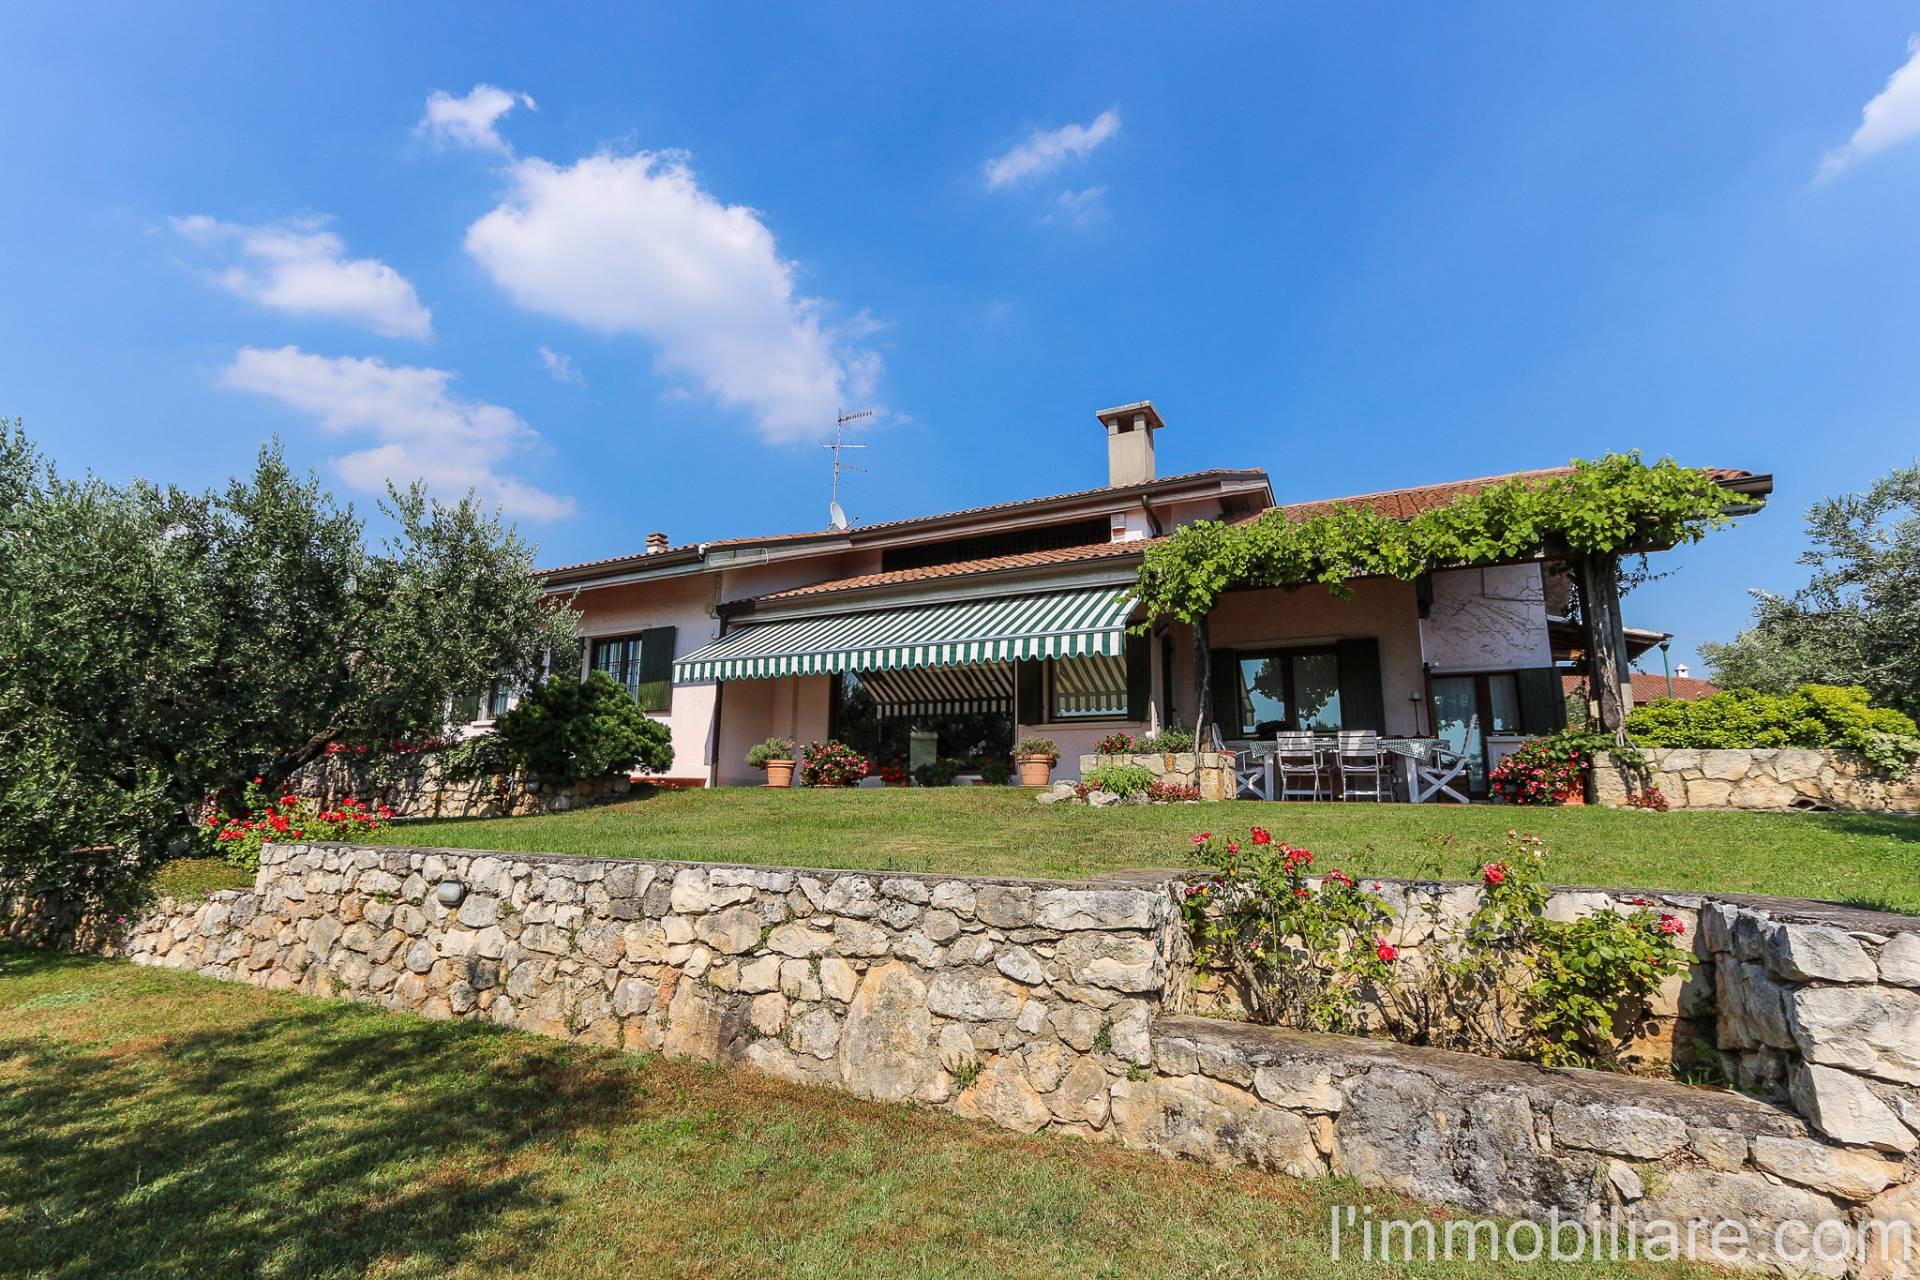 Villa in vendita a Verona, 10 locali, zona Località: Montericco, prezzo € 890.000 | Cambio Casa.it